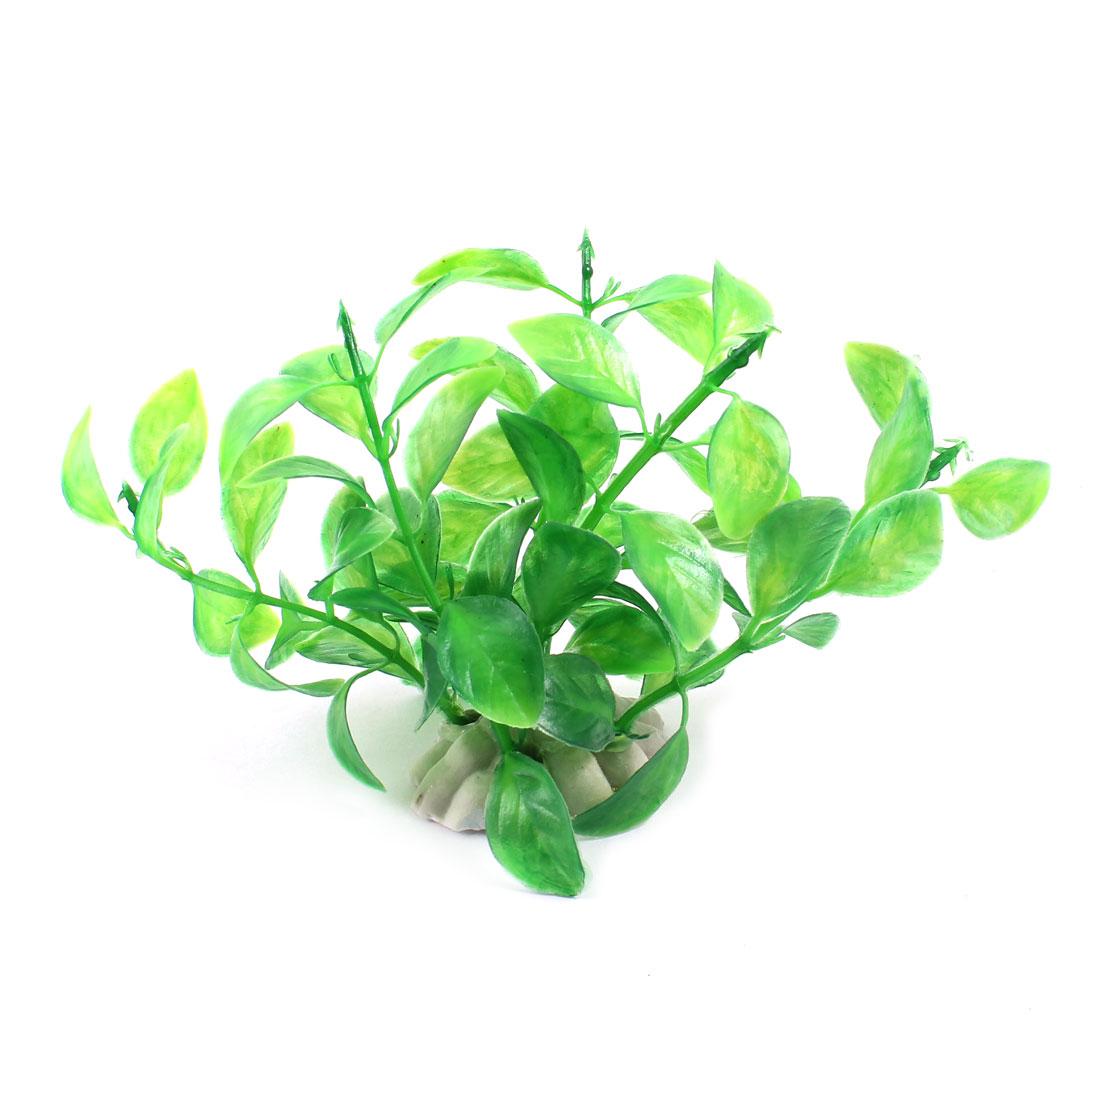 """Aquarium Ornament Simulation Green Plastic Grass Plant 3.9"""" Height 2 Pcs"""